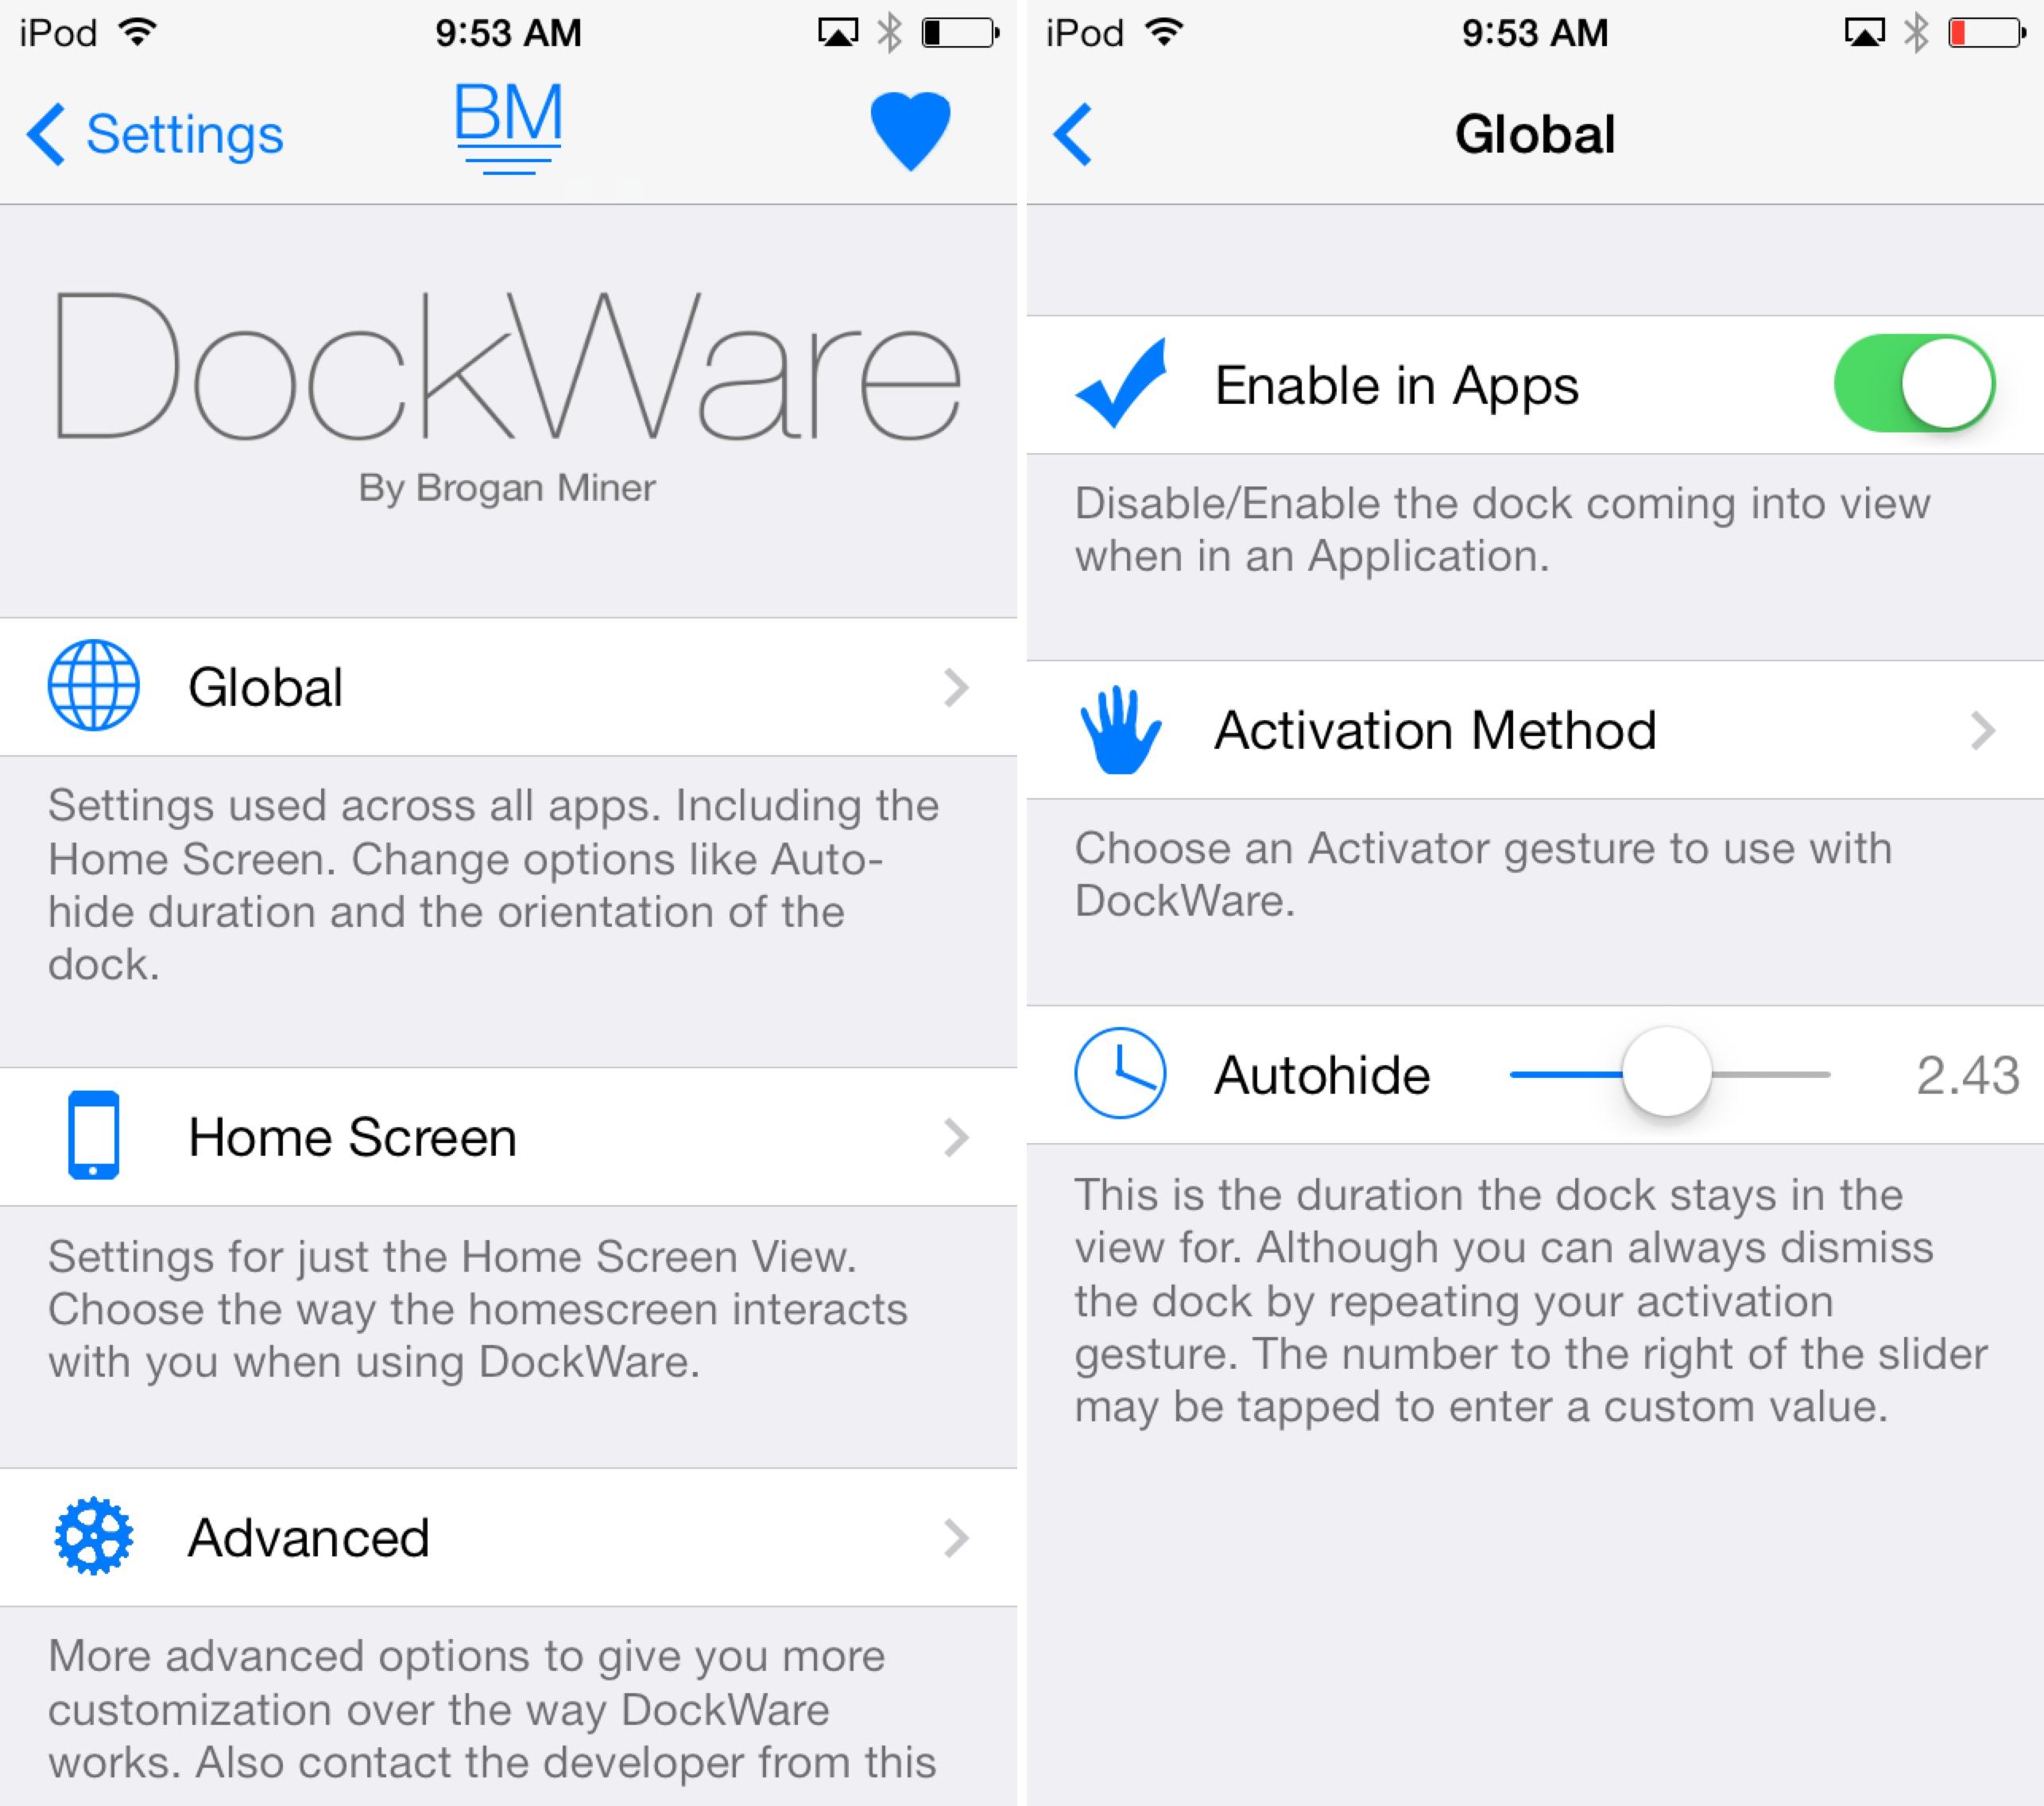 DockWare Settings